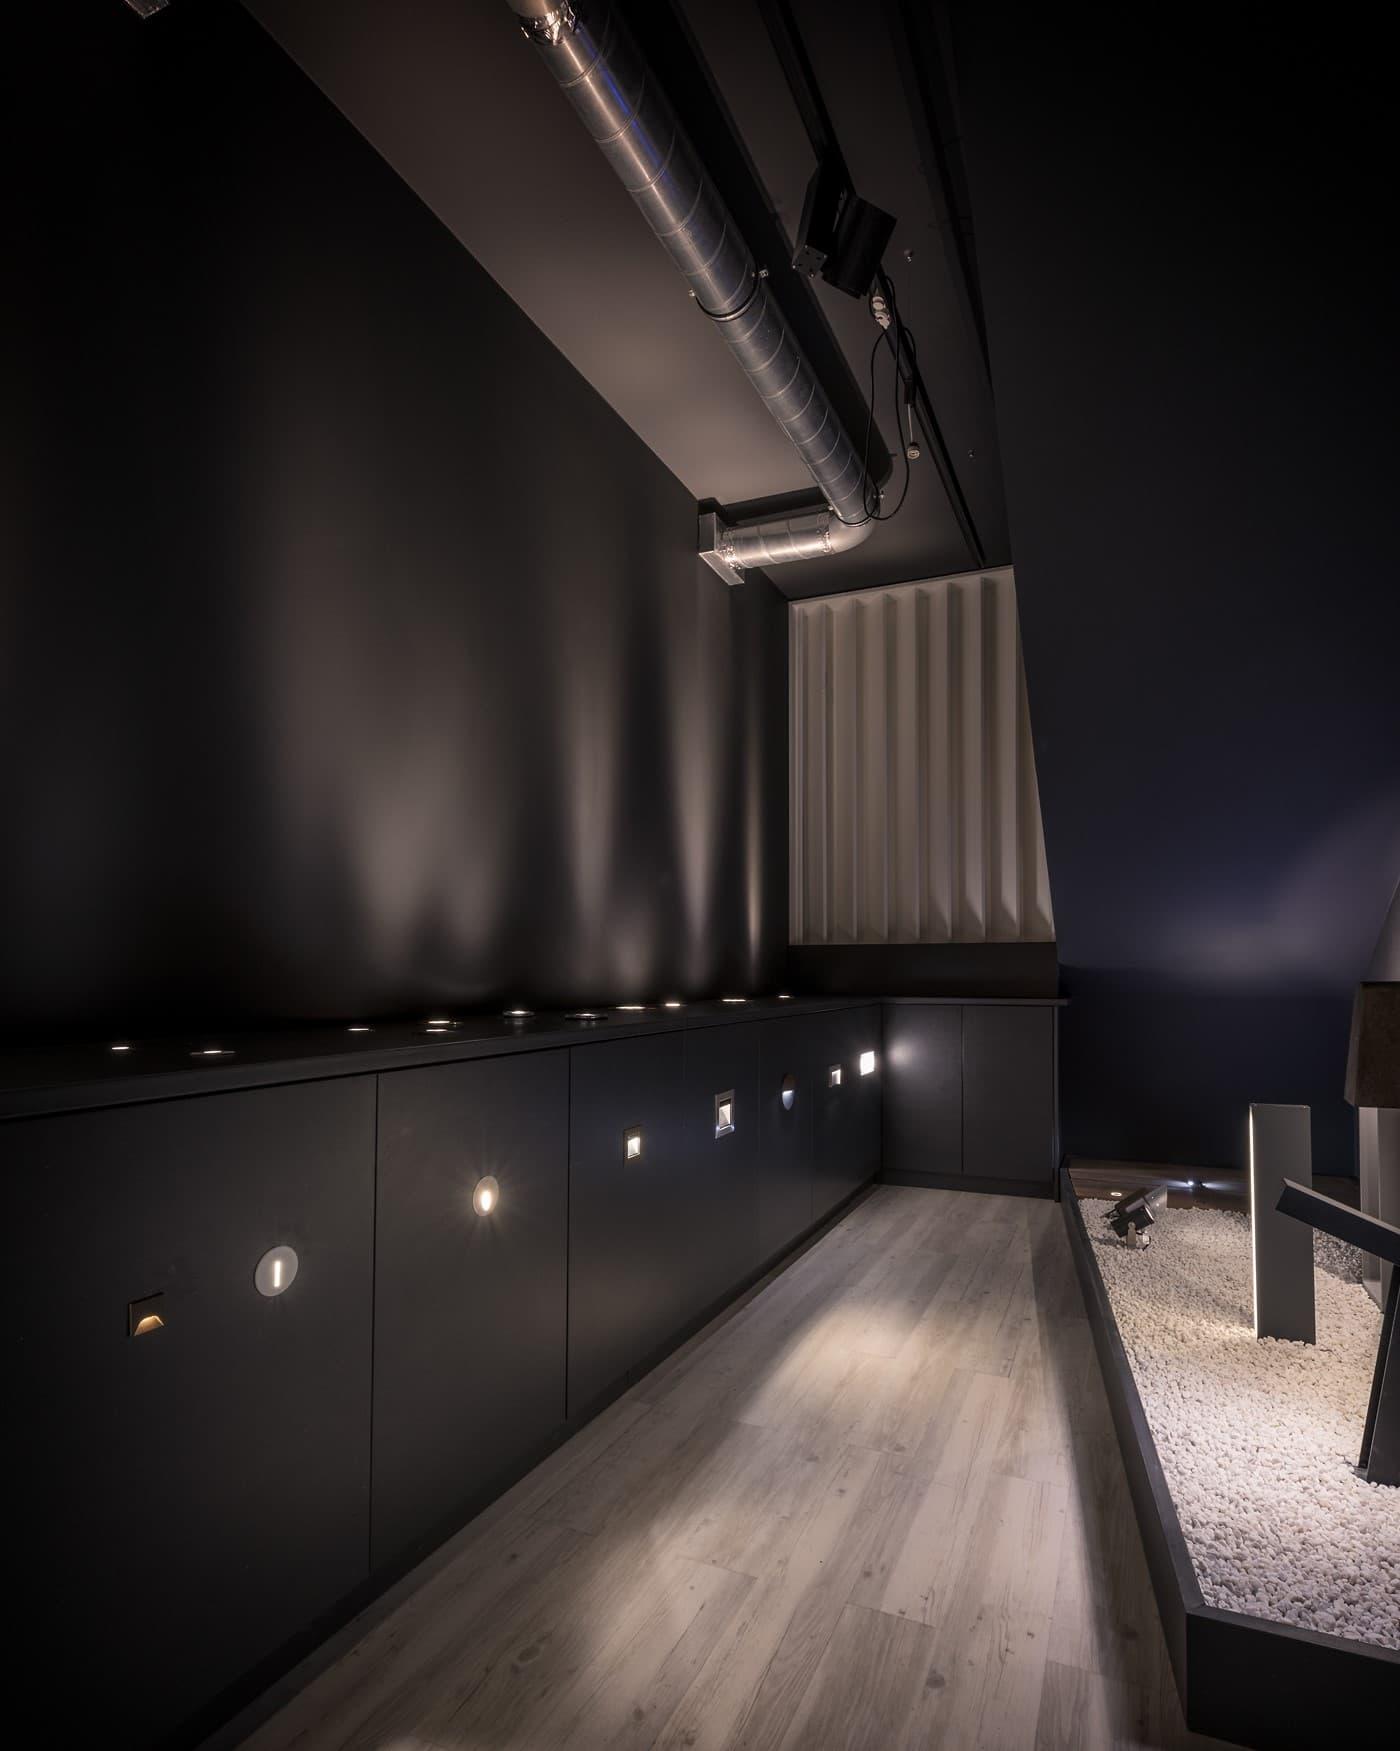 Dark room de la bergerie de LM5P - Le Mouton à 5 Pattes